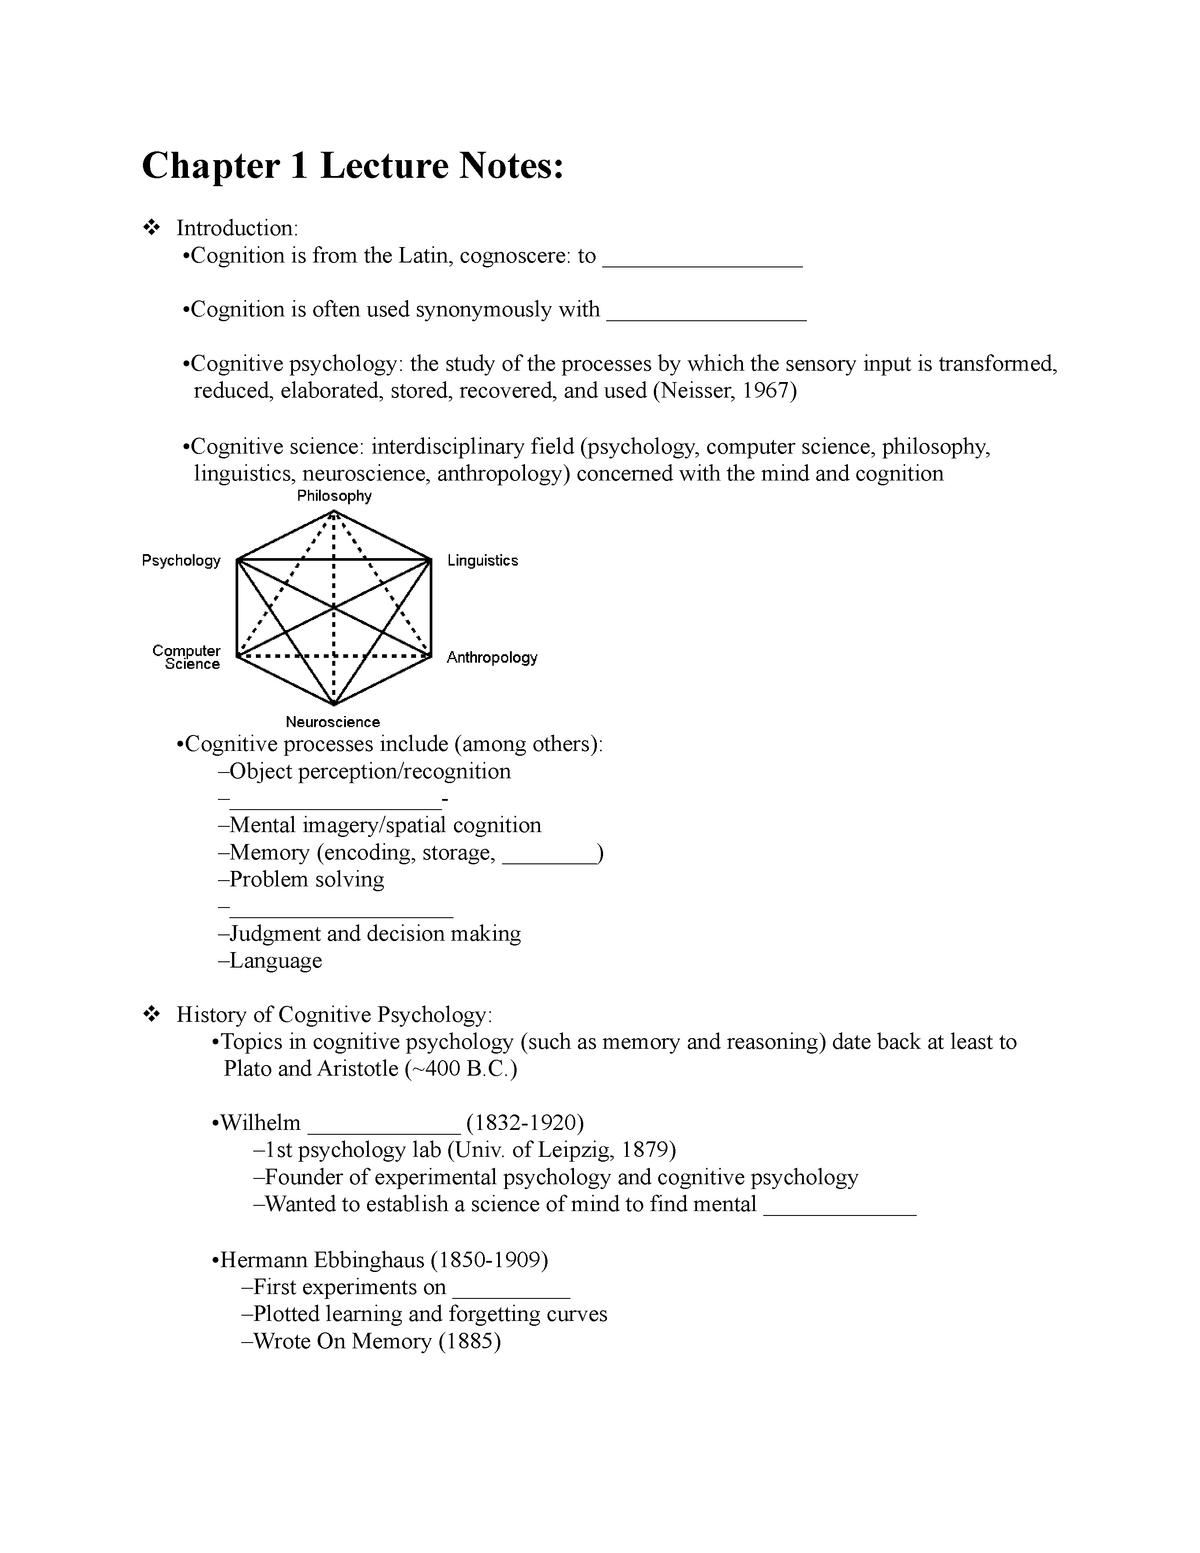 Psych 362 Chapter 1 Notes - PSYC 362: Cognitive Psychology - StuDocu